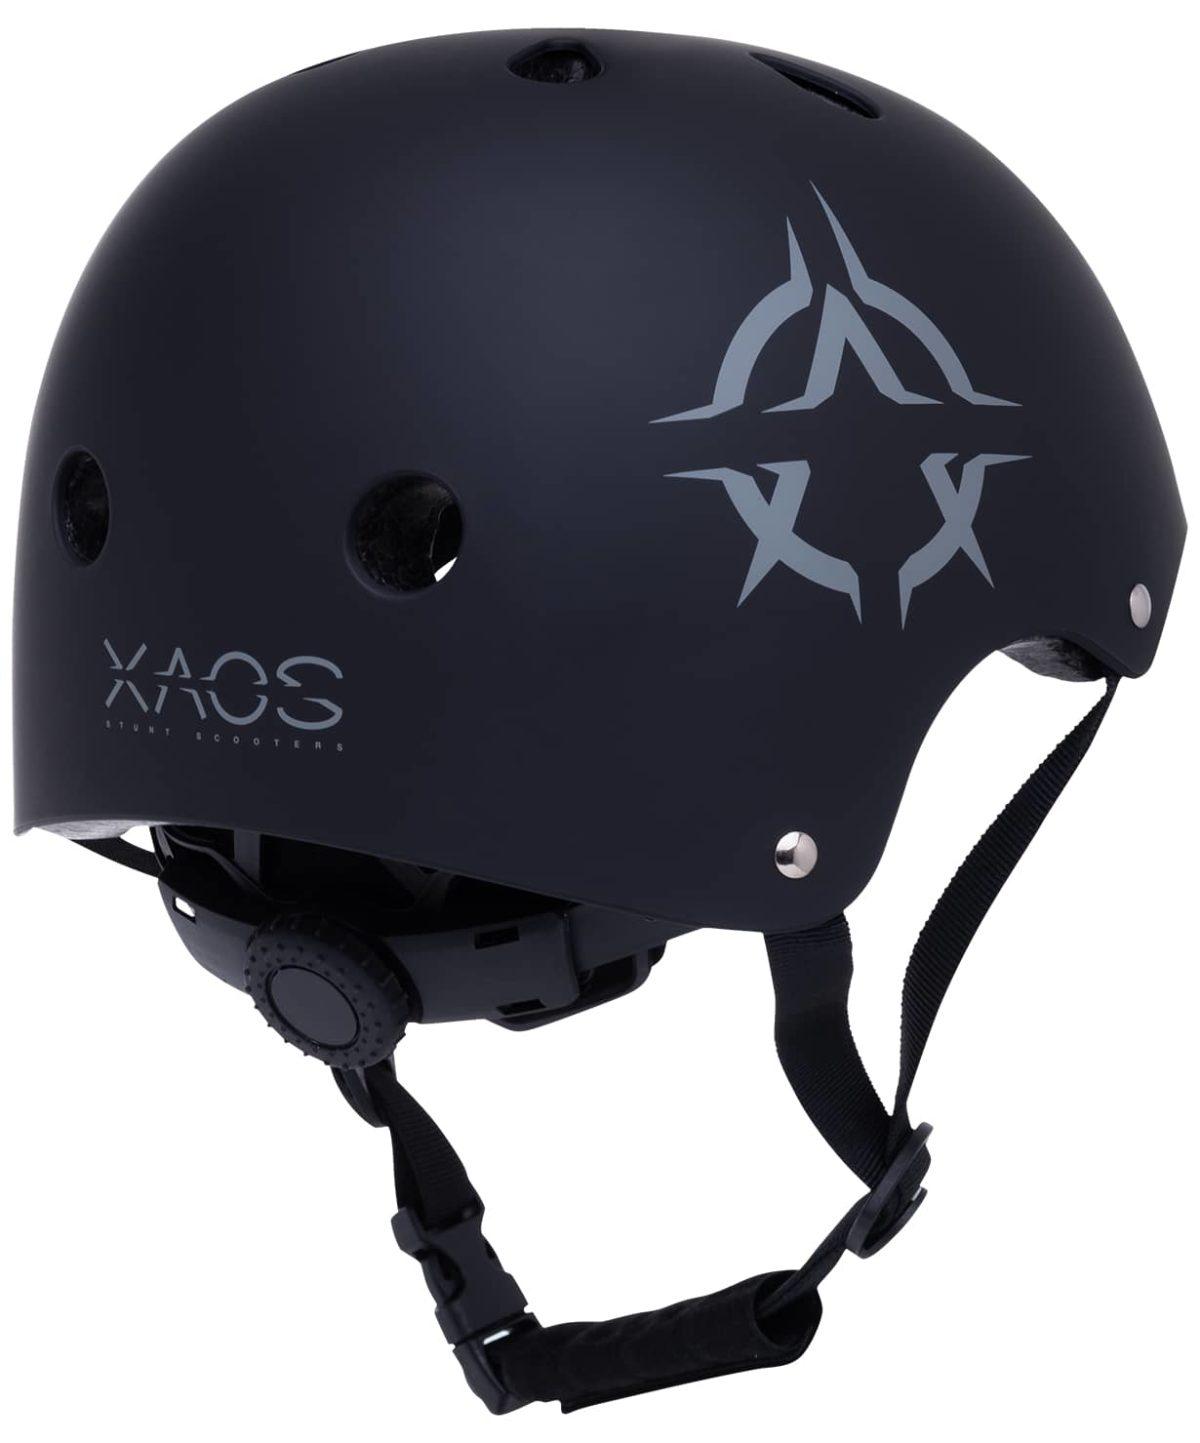 XAOS Dare Blak Шлем защитный  16805 - 4